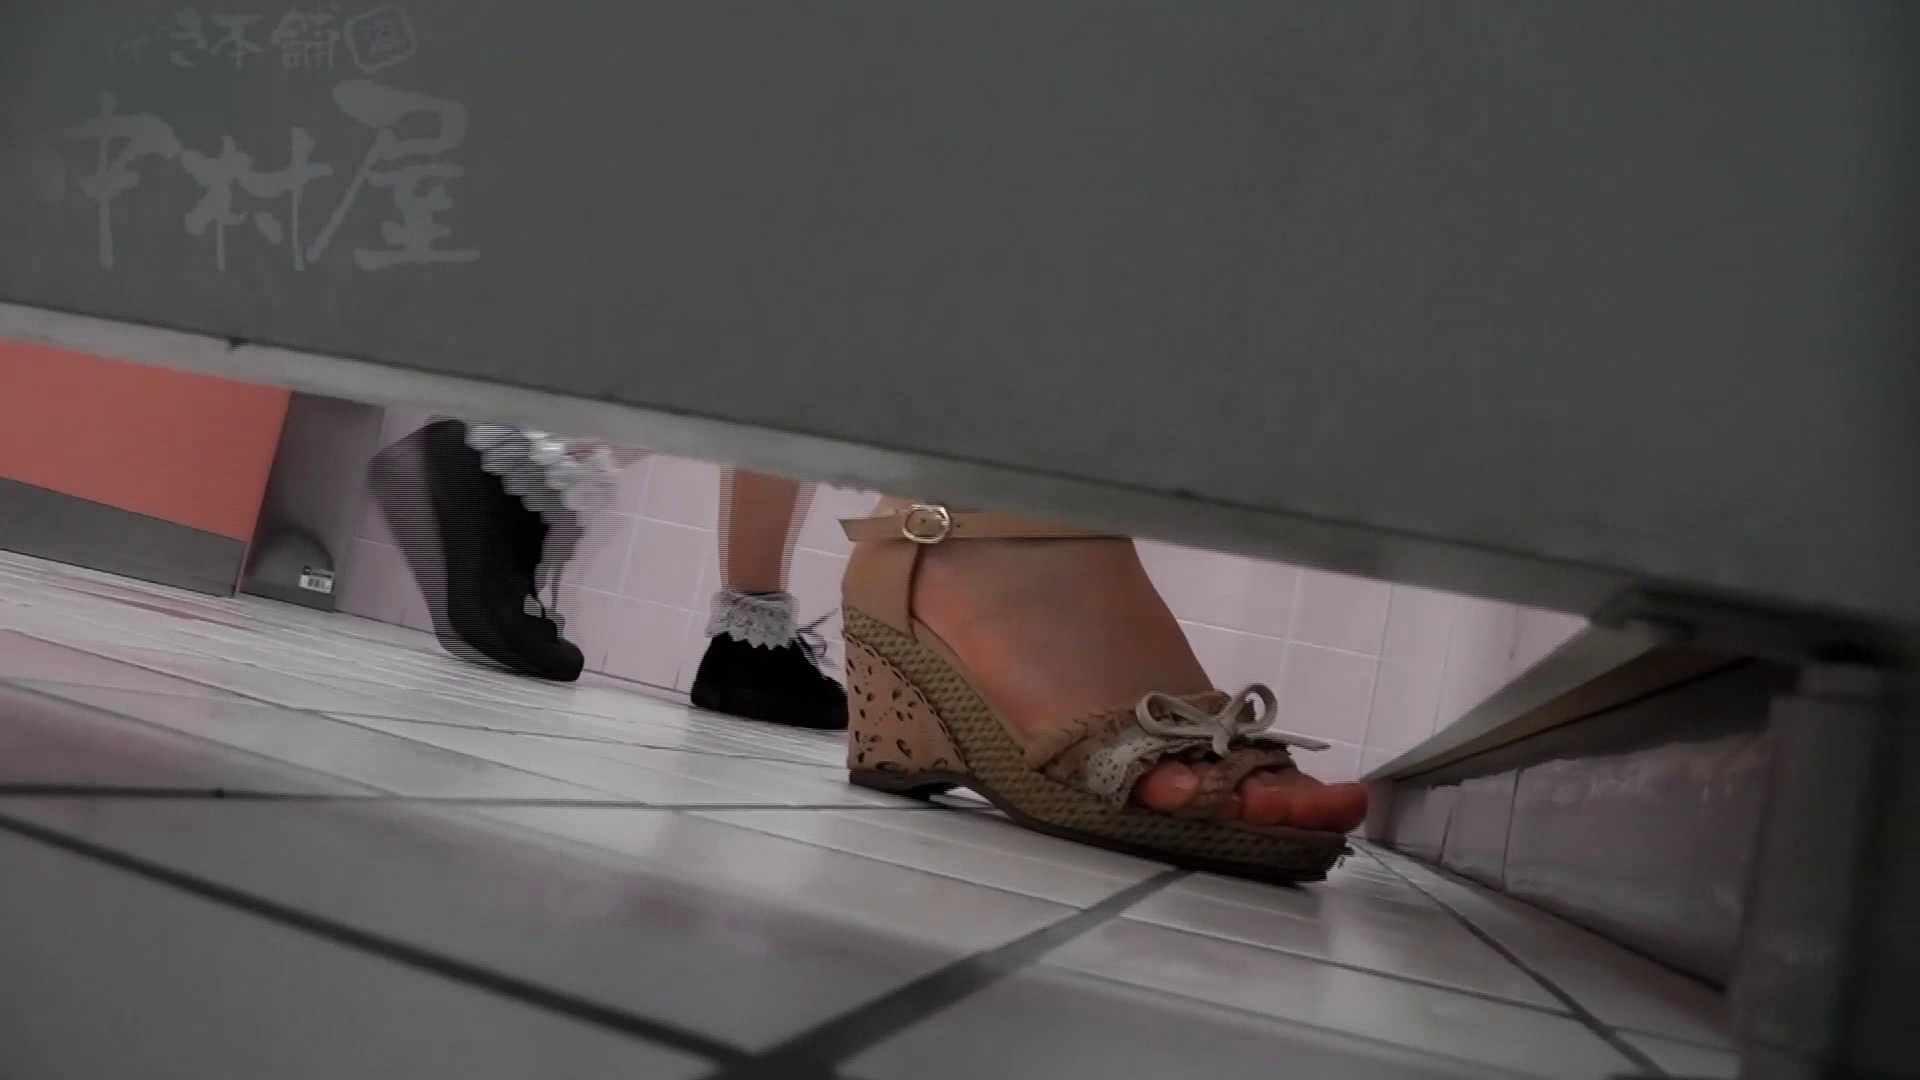 美しい日本の未来 No.17 結構大変!瞬間移動かーらーのっ、隙間撮り! トイレ 盗撮 99PIX 60